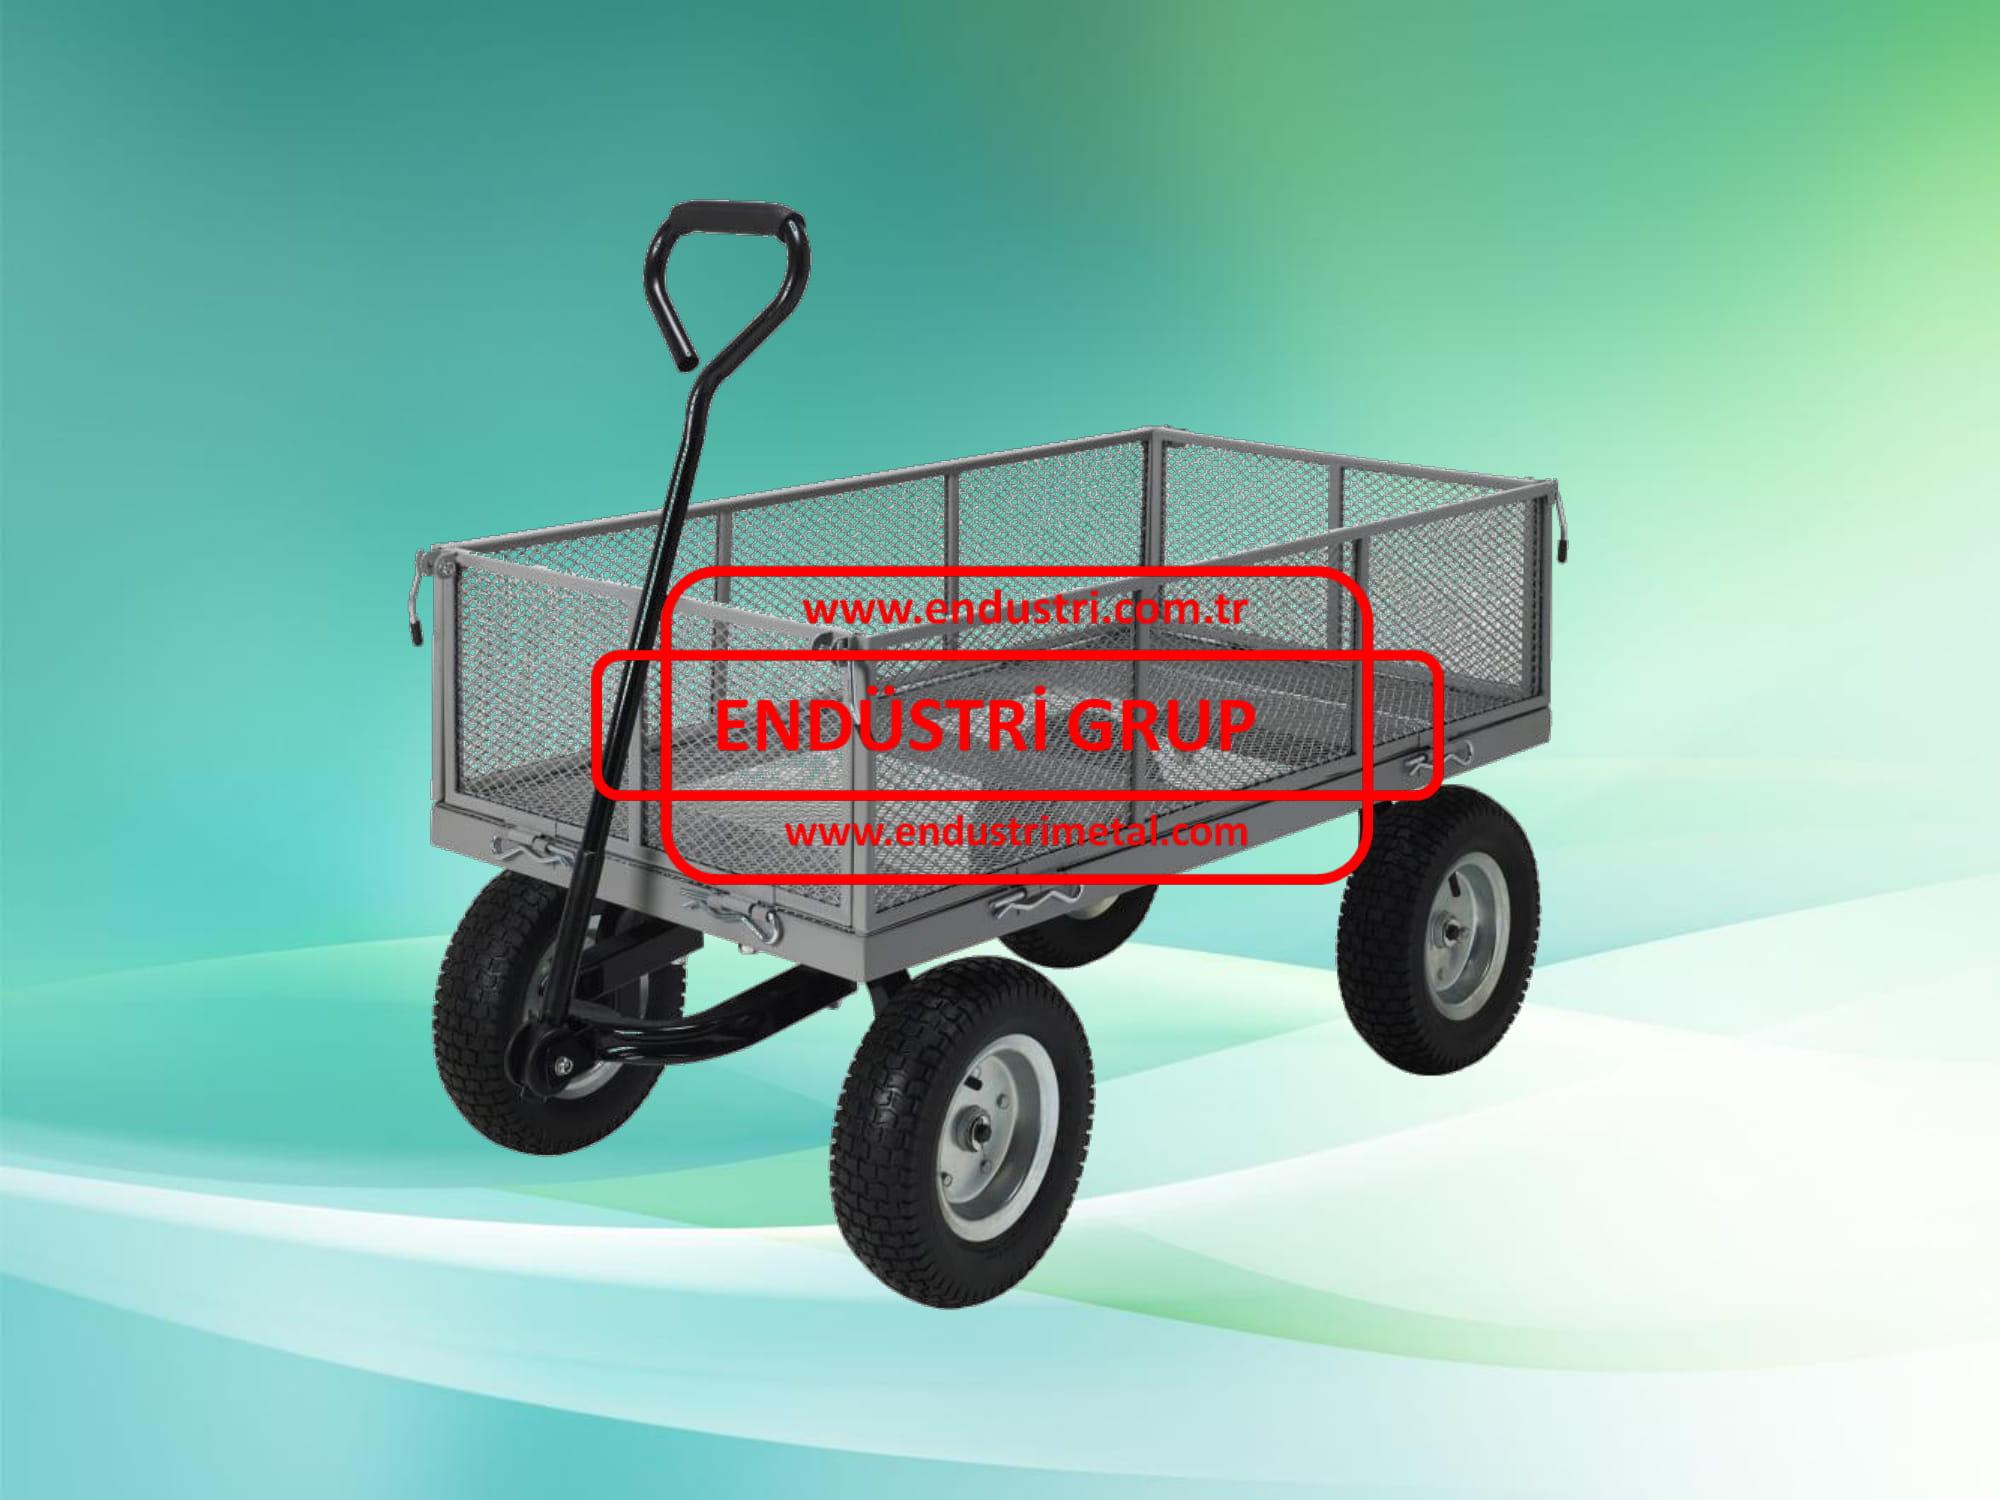 metal-bahce-odun-ekipman-cicek-toprak-tasima-kaldirma-yukleme-arabasi-arabalari-imalati